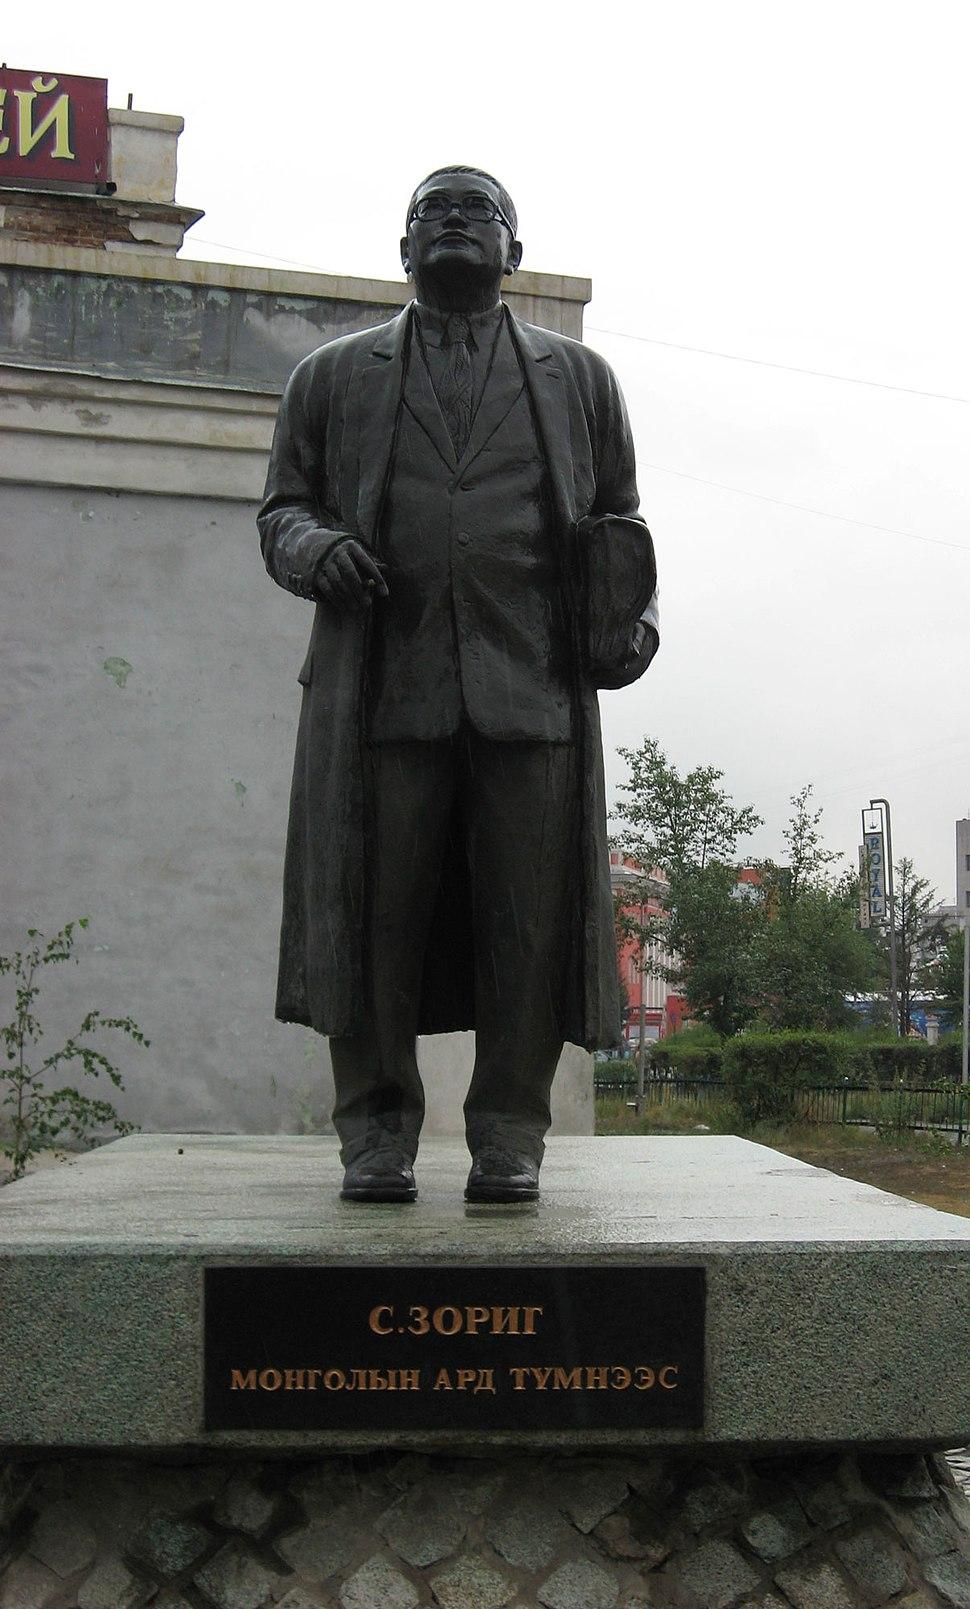 Zorig memorial